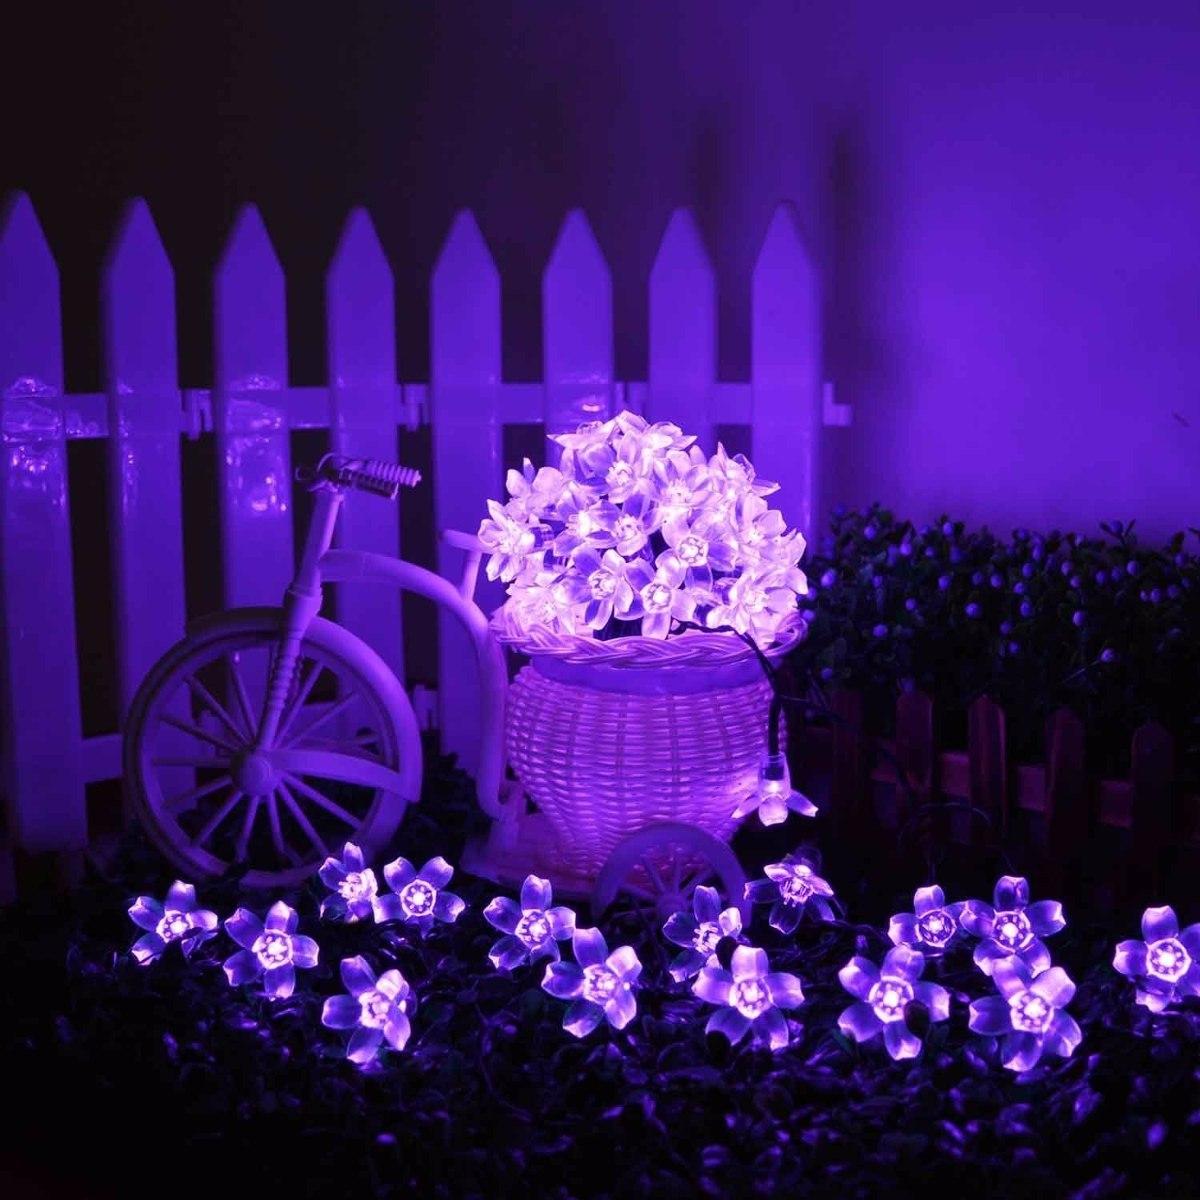 Led decoracion led decoracion decoracin de navidad for Luces de navidad solares para exterior